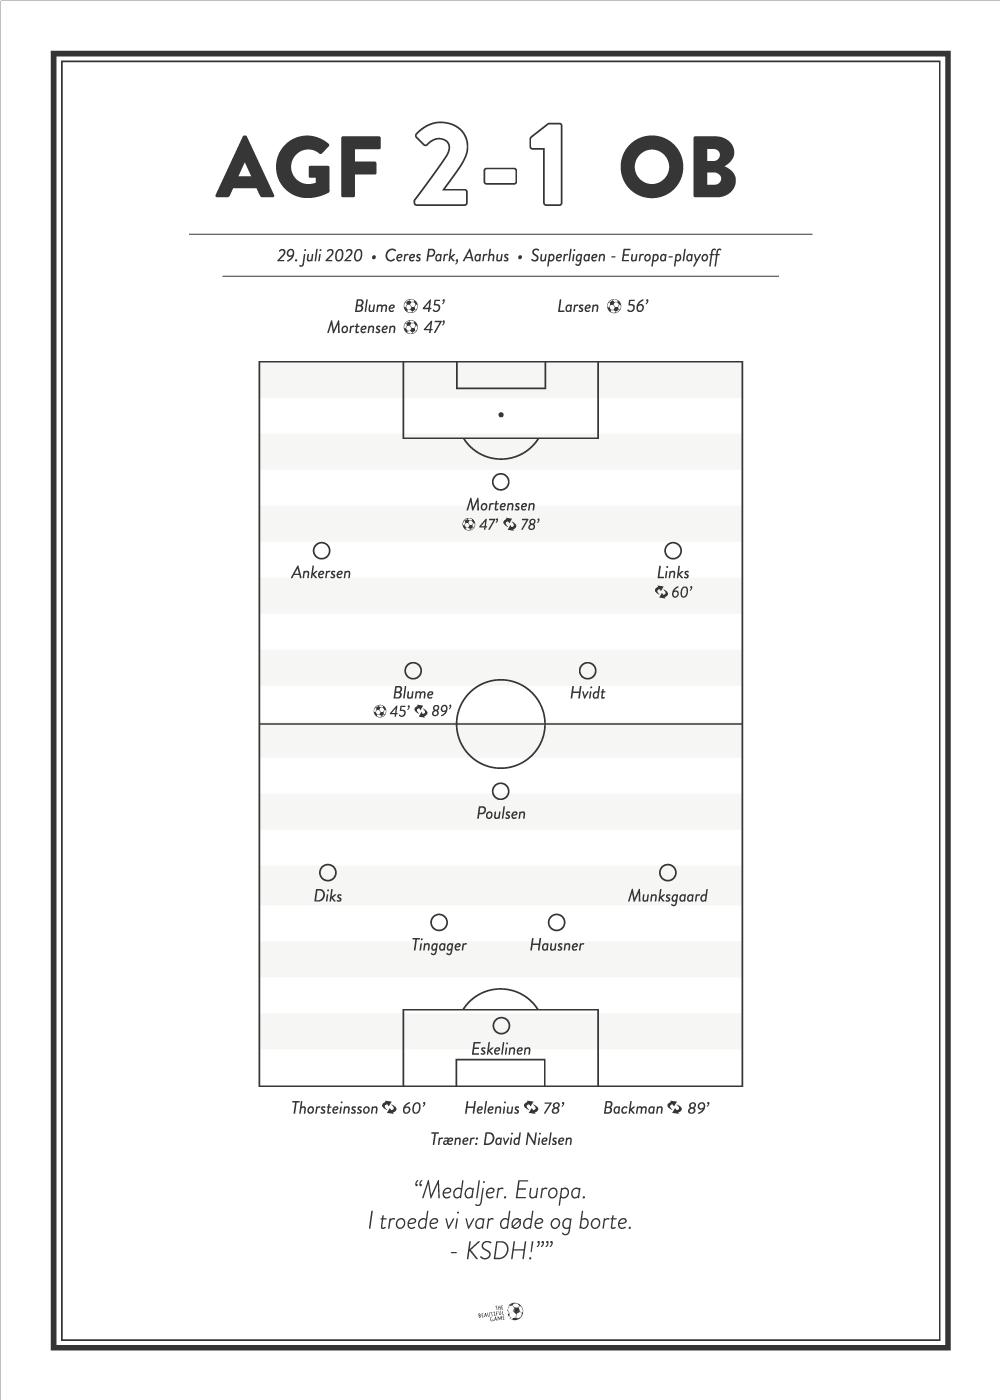 Billede af AGF - OB 2-1 Superligaen 2020 plakat